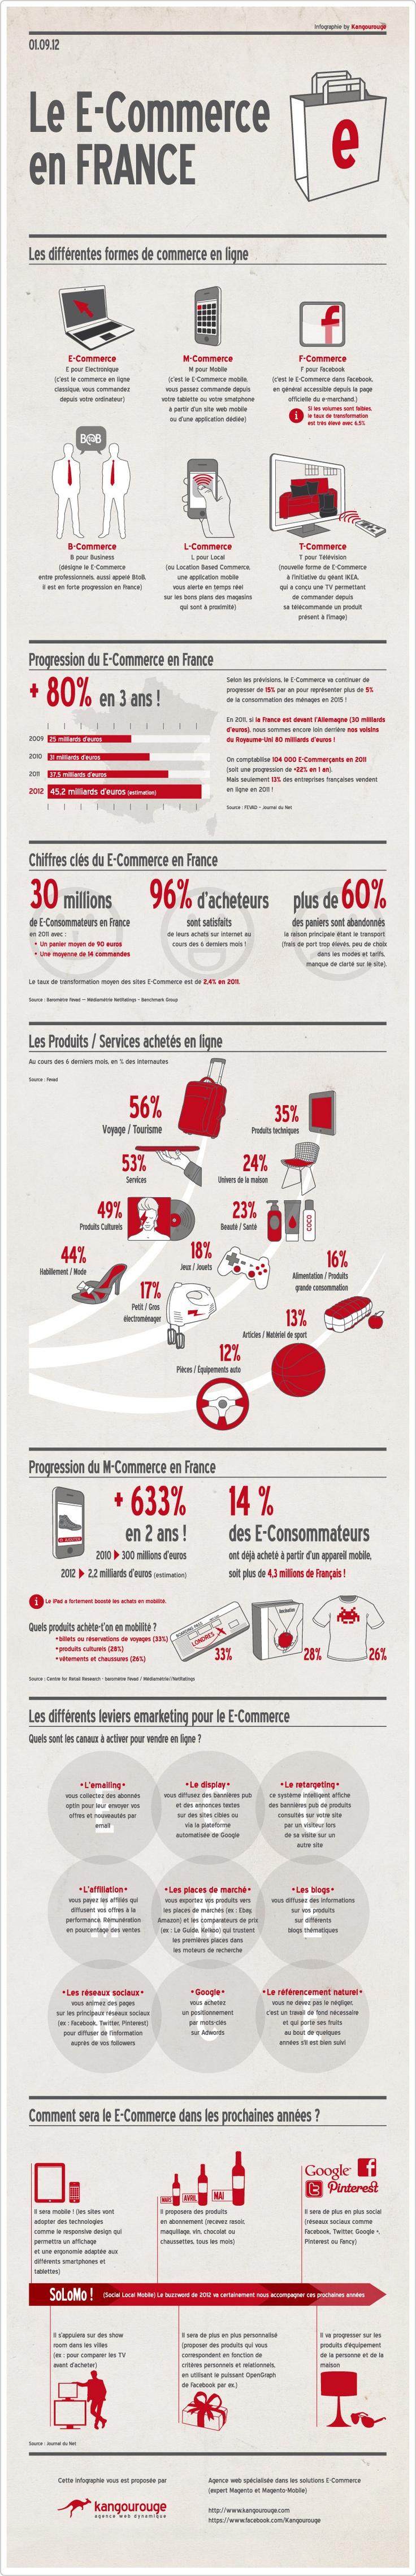 Infographie : le E-commerce en France en 7 points clés